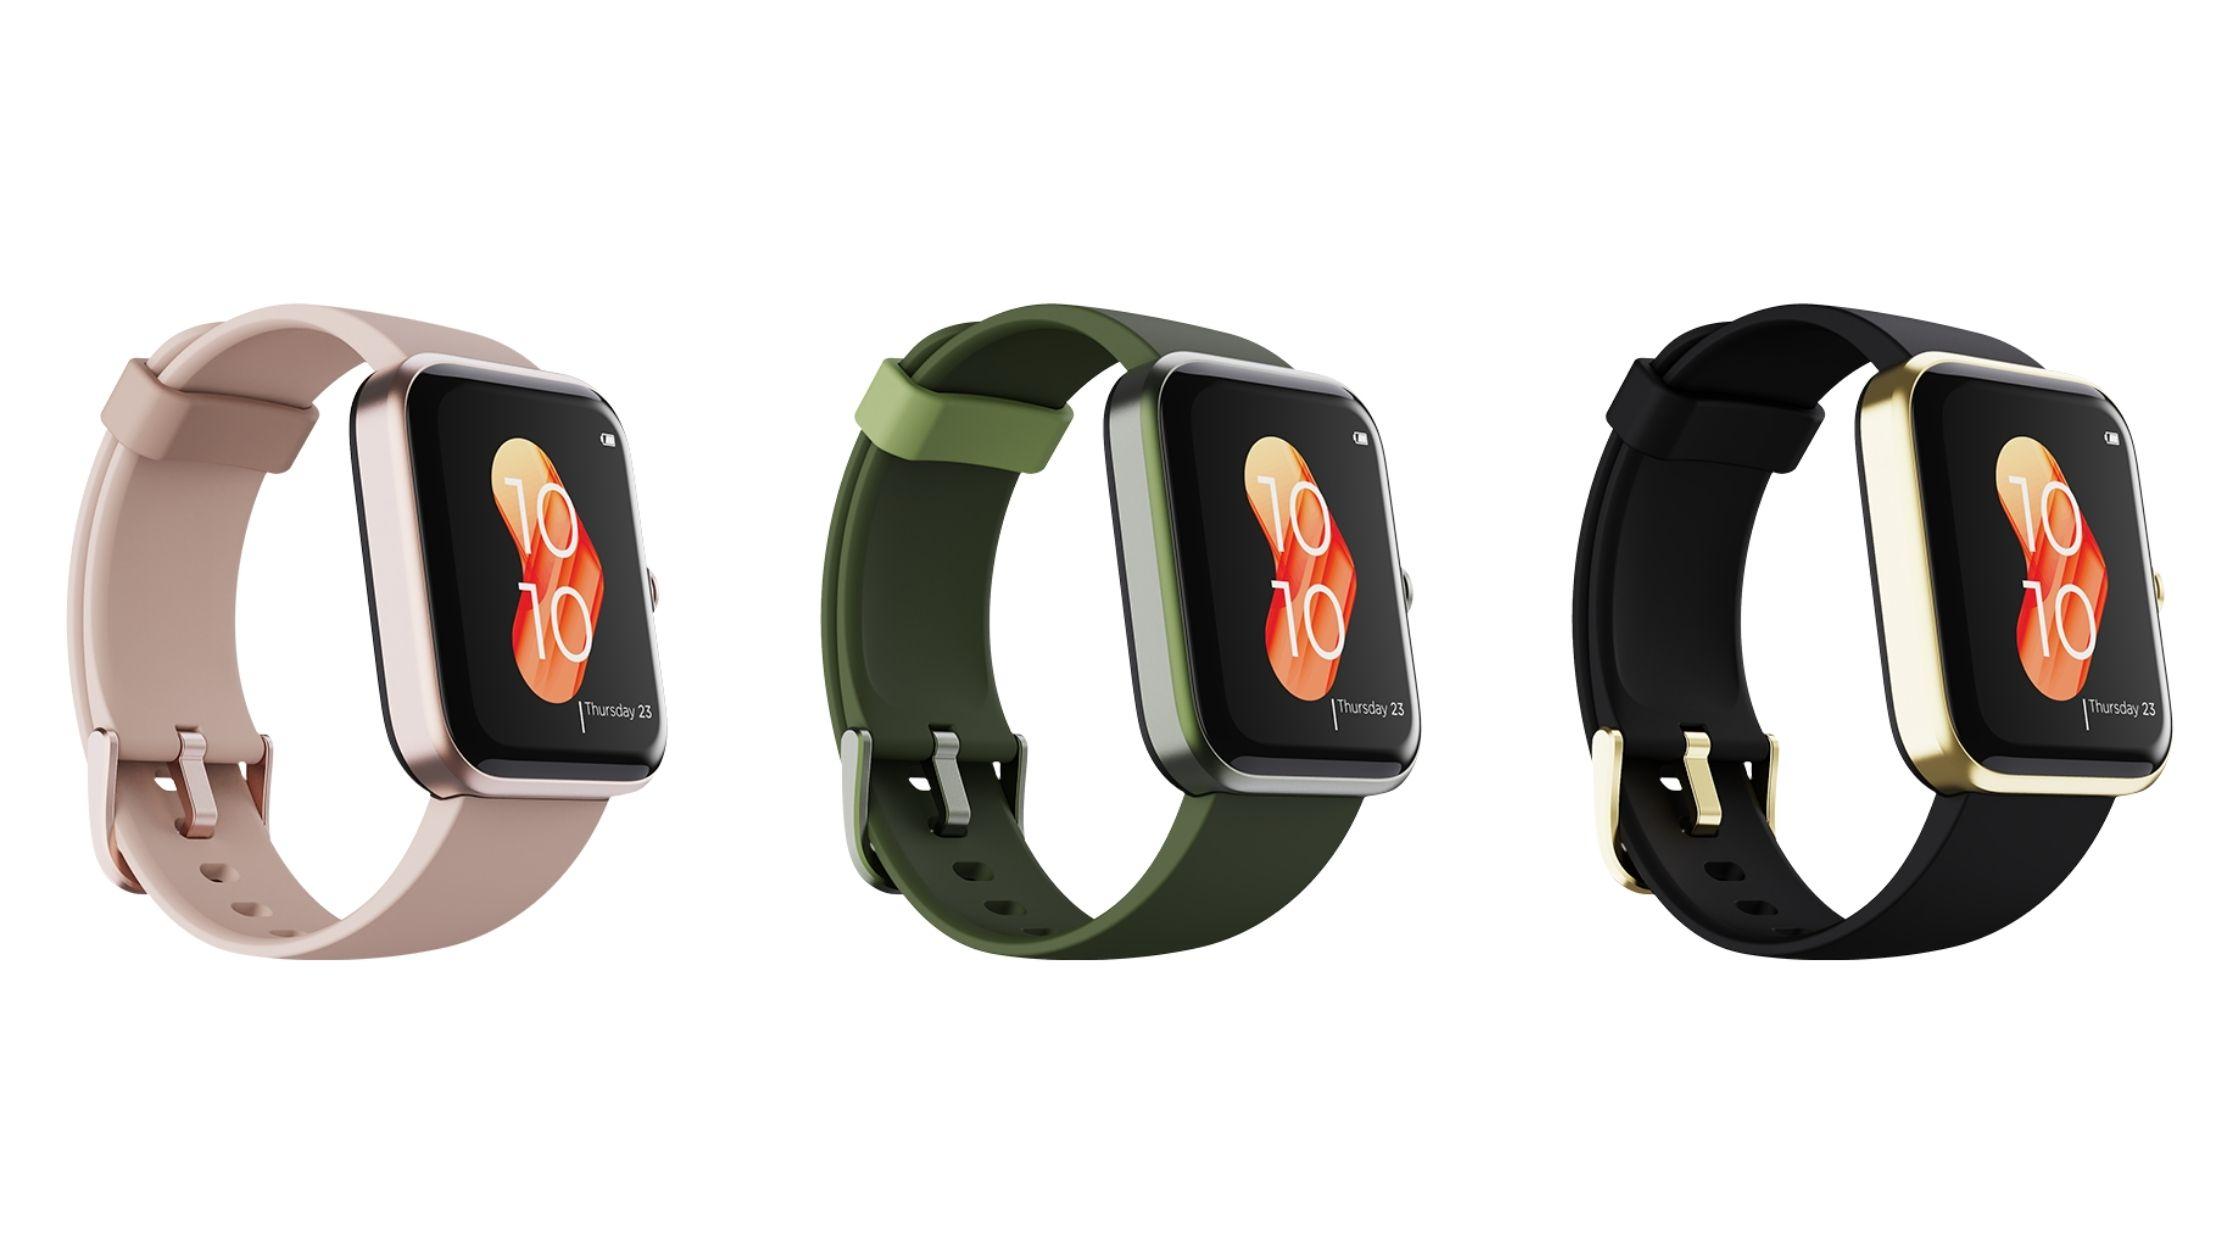 BoAt Watch Xtend официально поступит в продажу в Индии по цене 2999 индийских рупий